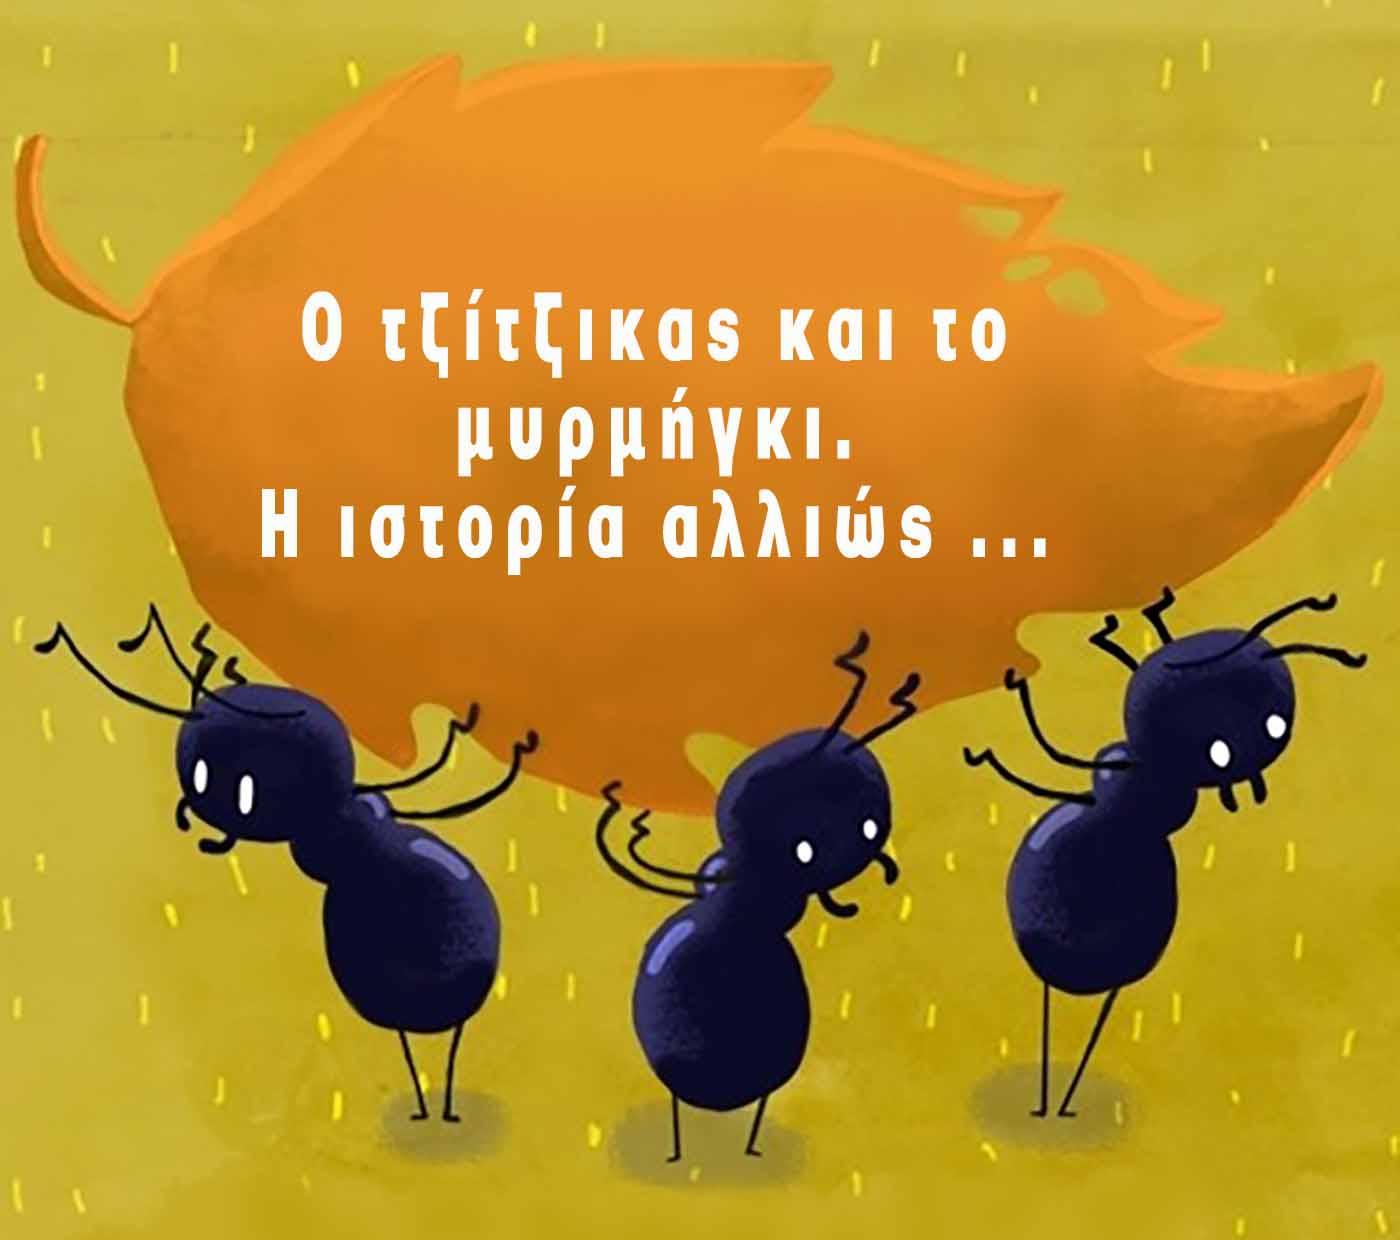 Ο τζίτζικας και το μυρμήγκι.                                                                                                                                         Η ιστορία αλλιώς … Κατεβάστε Δωρεάν -Thisisus.gr